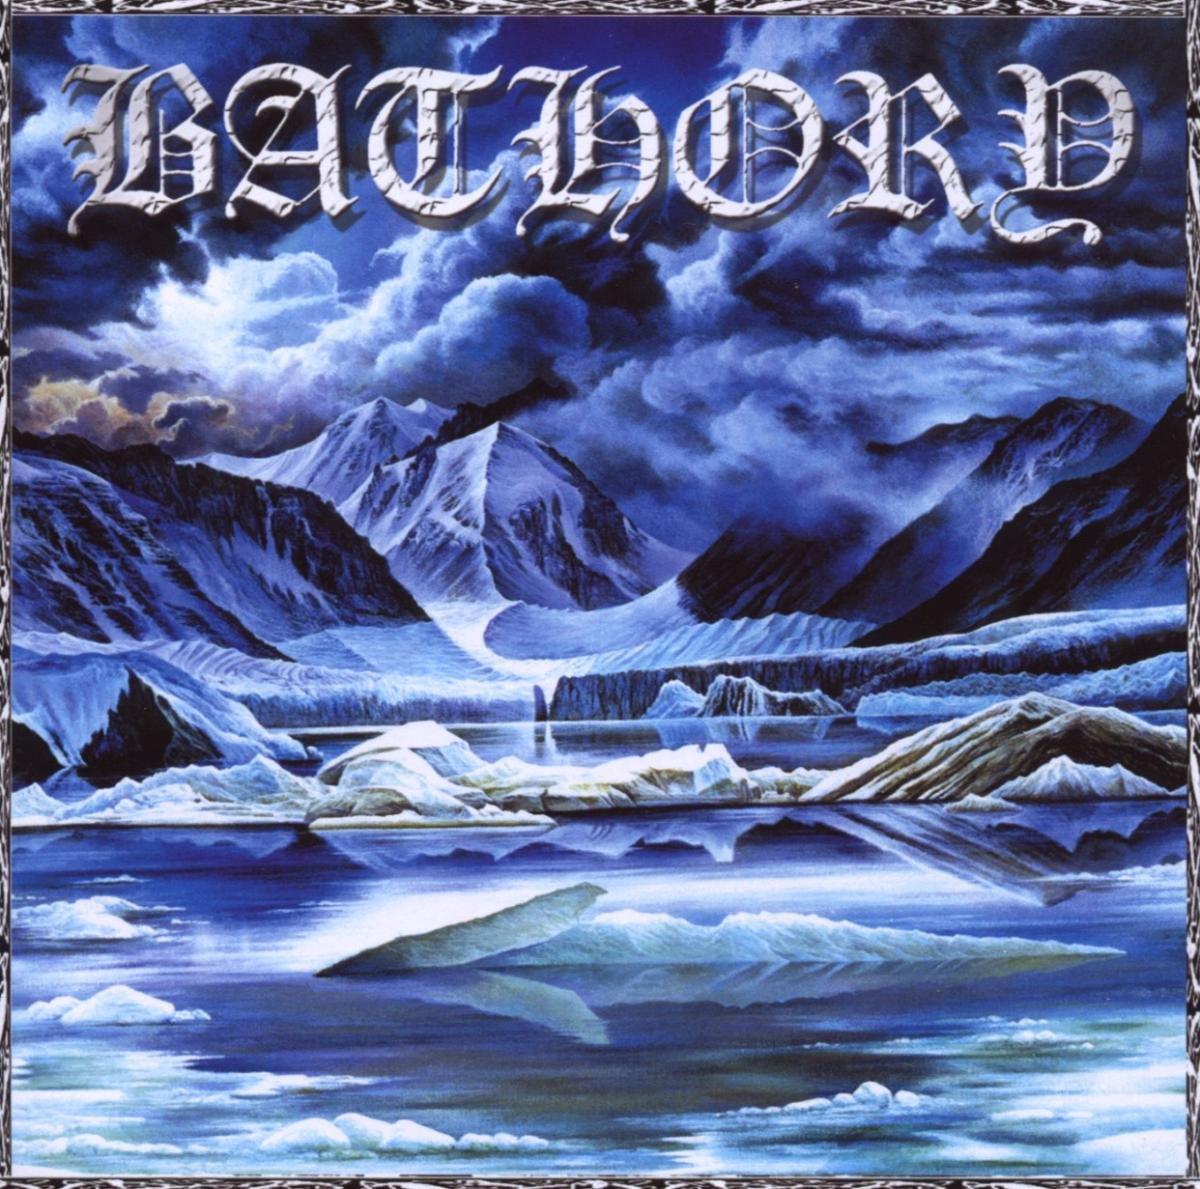 Nordland II